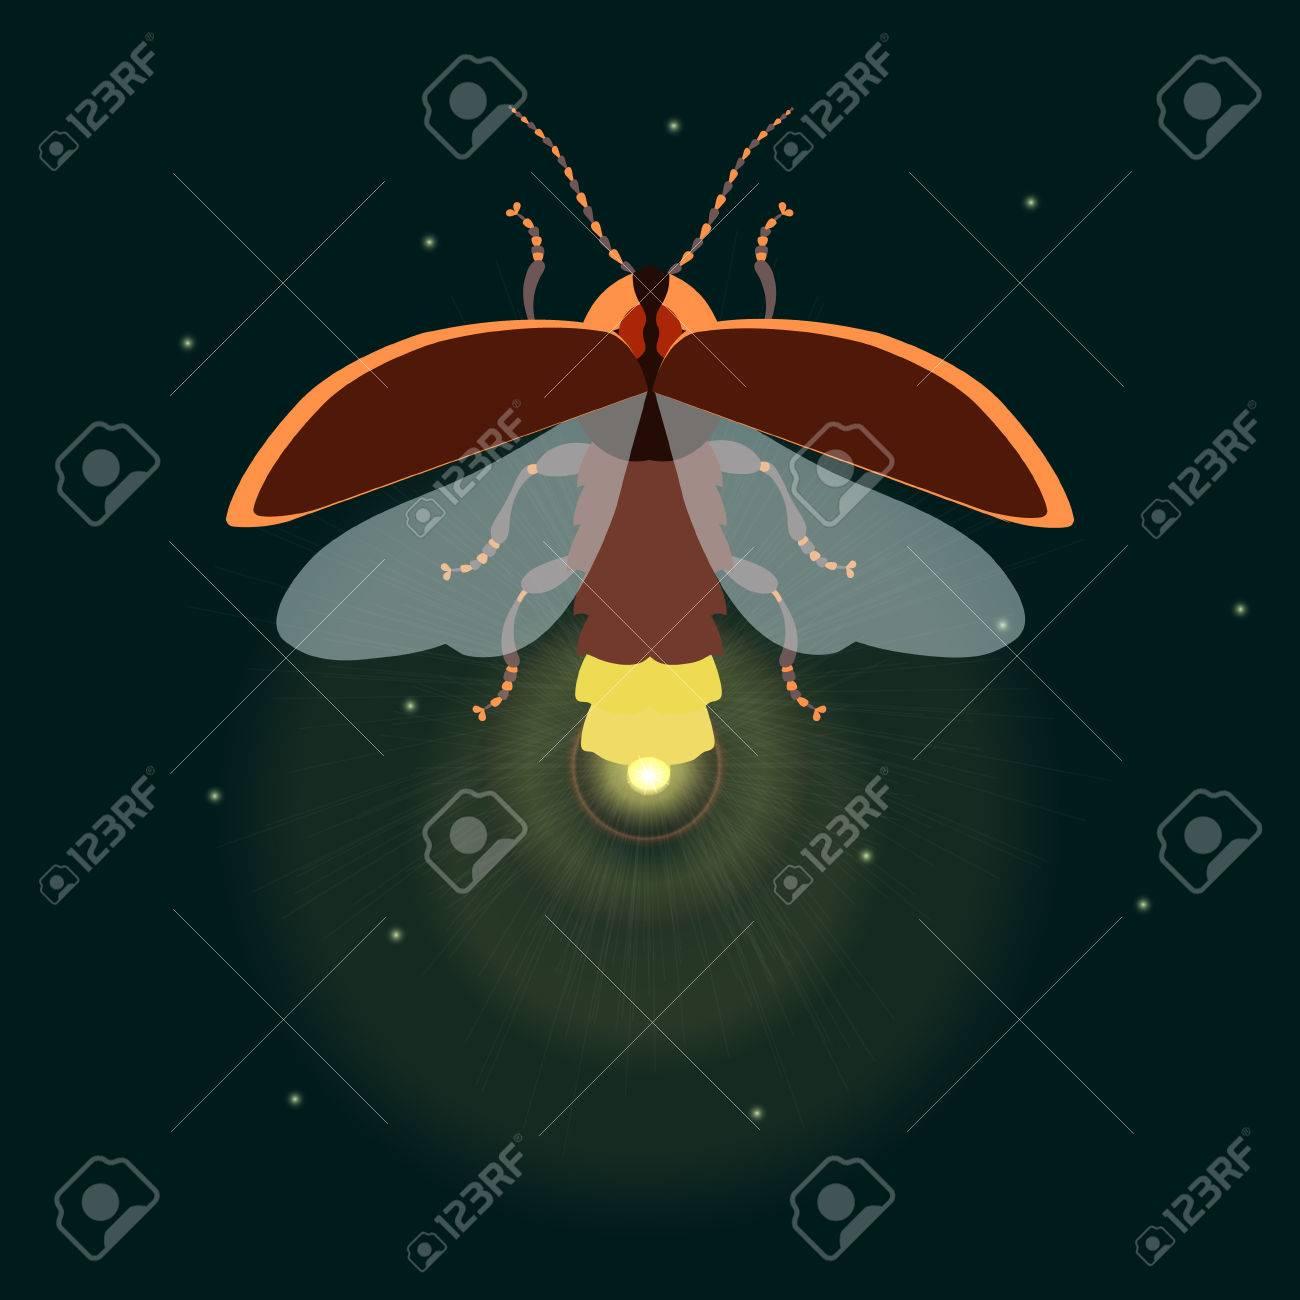 Luciérnaga Plantilla De Diseño Del Insecto. Luciérnaga. Volar ...